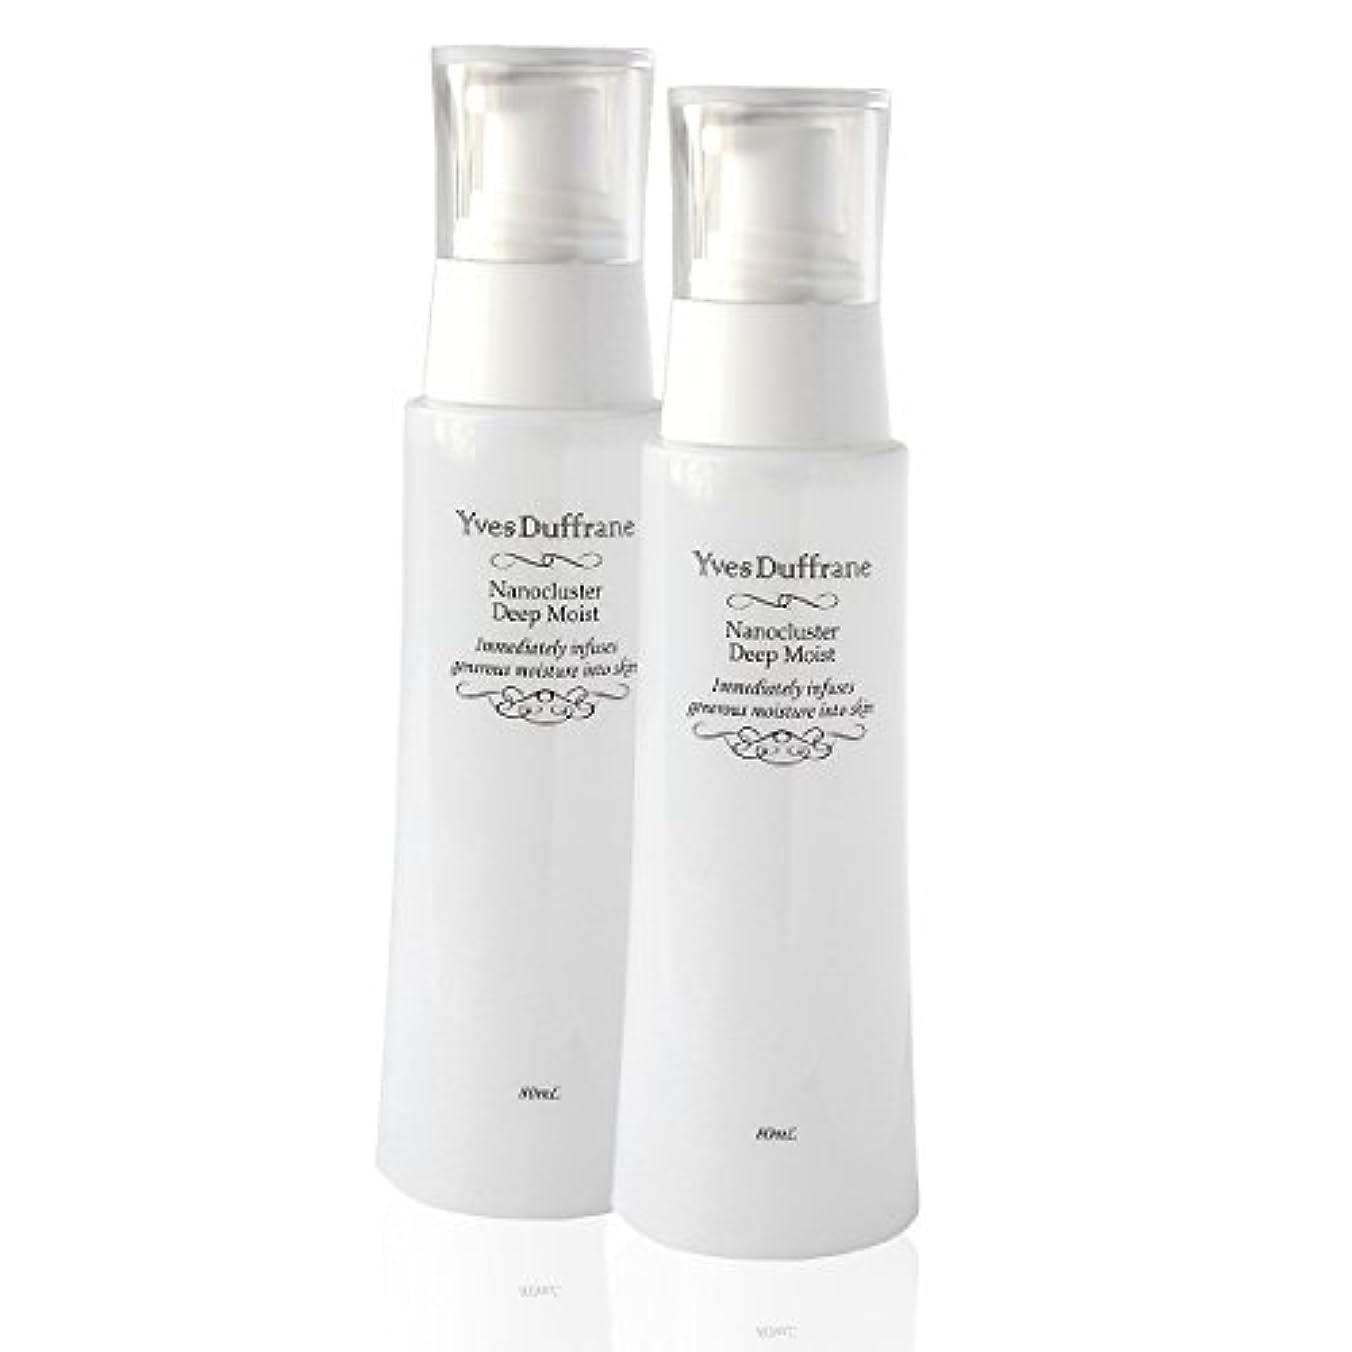 未使用潜む鉄化粧水 ( ナノ化粧水 2点セット)ナノ化 スクワラン 乾燥 毛穴 敏感肌 高保湿 高浸透 高品質 メンズ OK